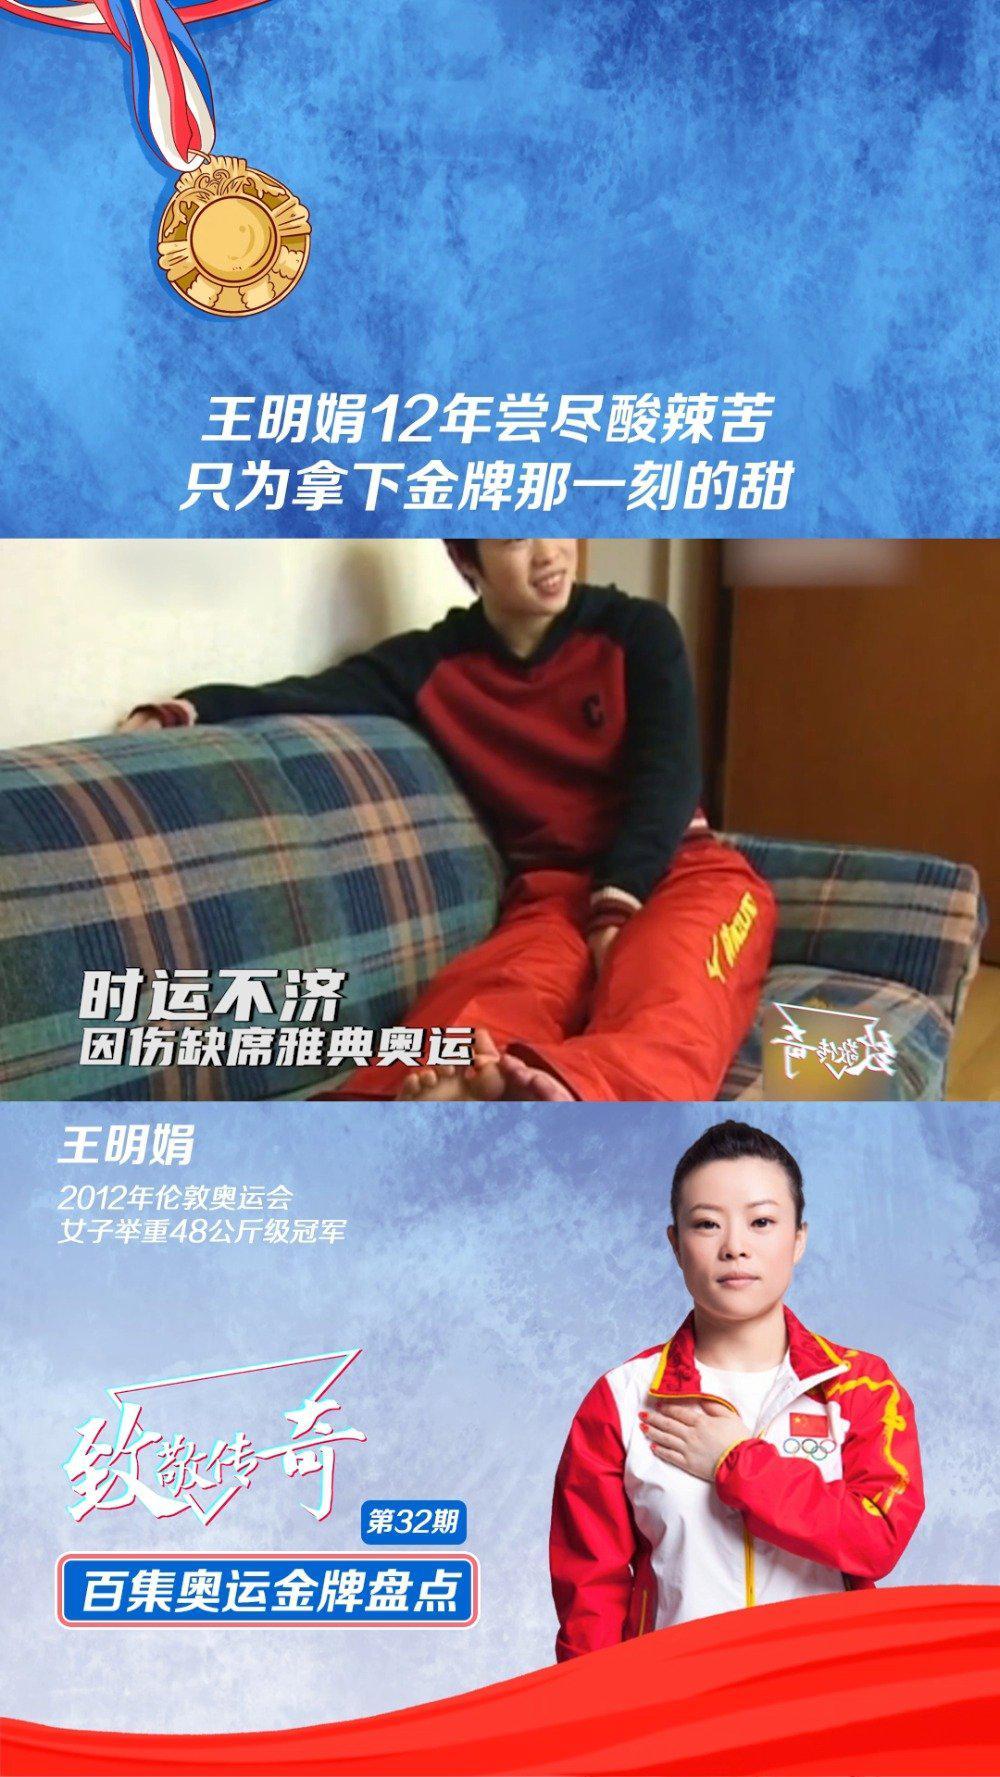 王明娟12年尝尽酸辣苦,只为拿下金牌那一刻的甜!